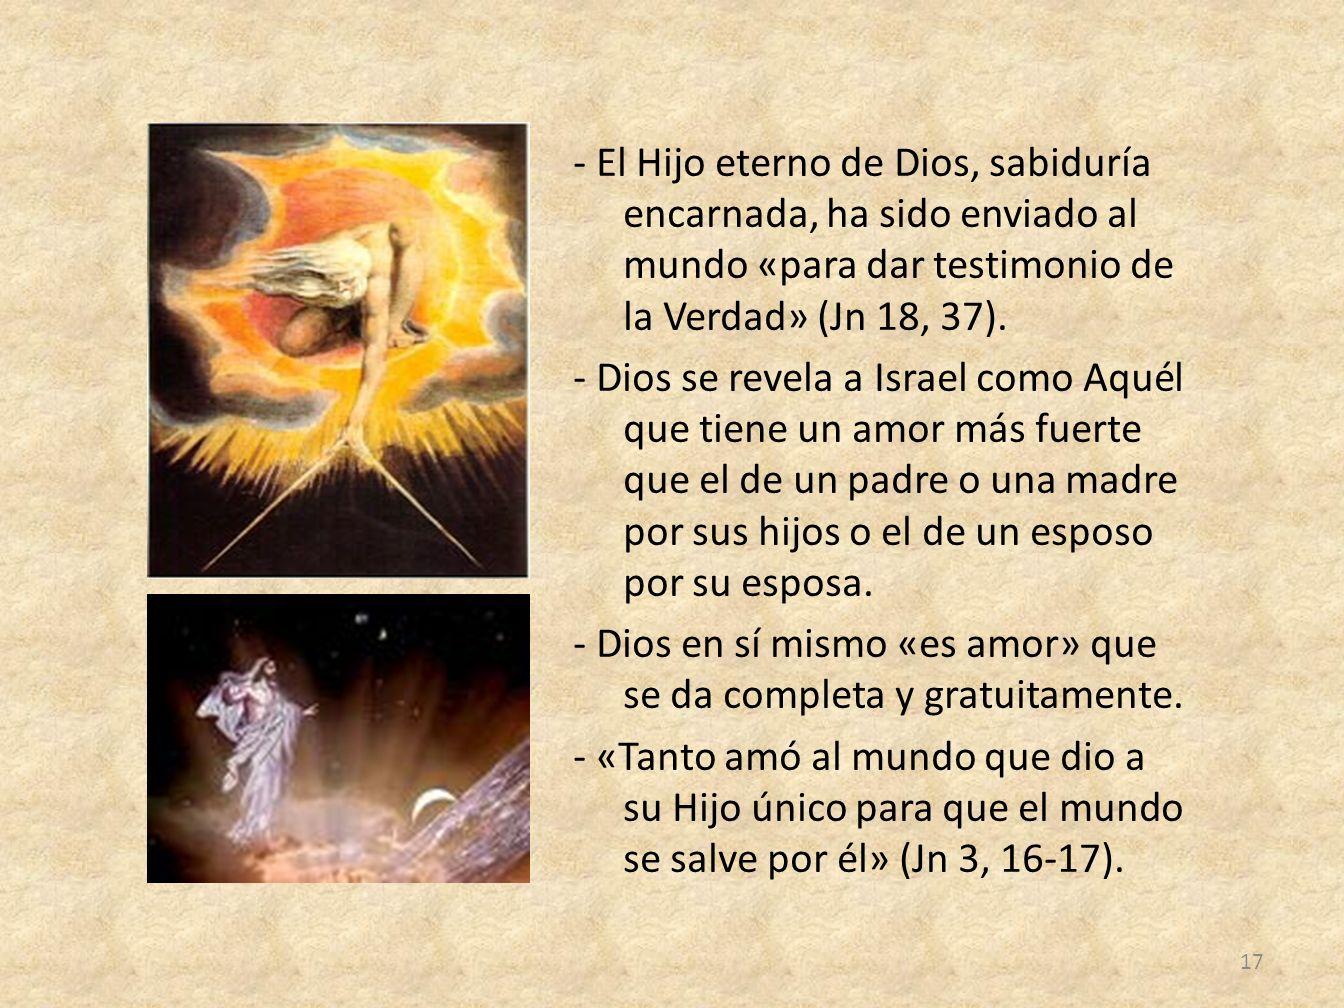 - El Hijo eterno de Dios, sabiduría encarnada, ha sido enviado al mundo «para dar testimonio de la Verdad» (Jn 18, 37). - Dios se revela a Israel como